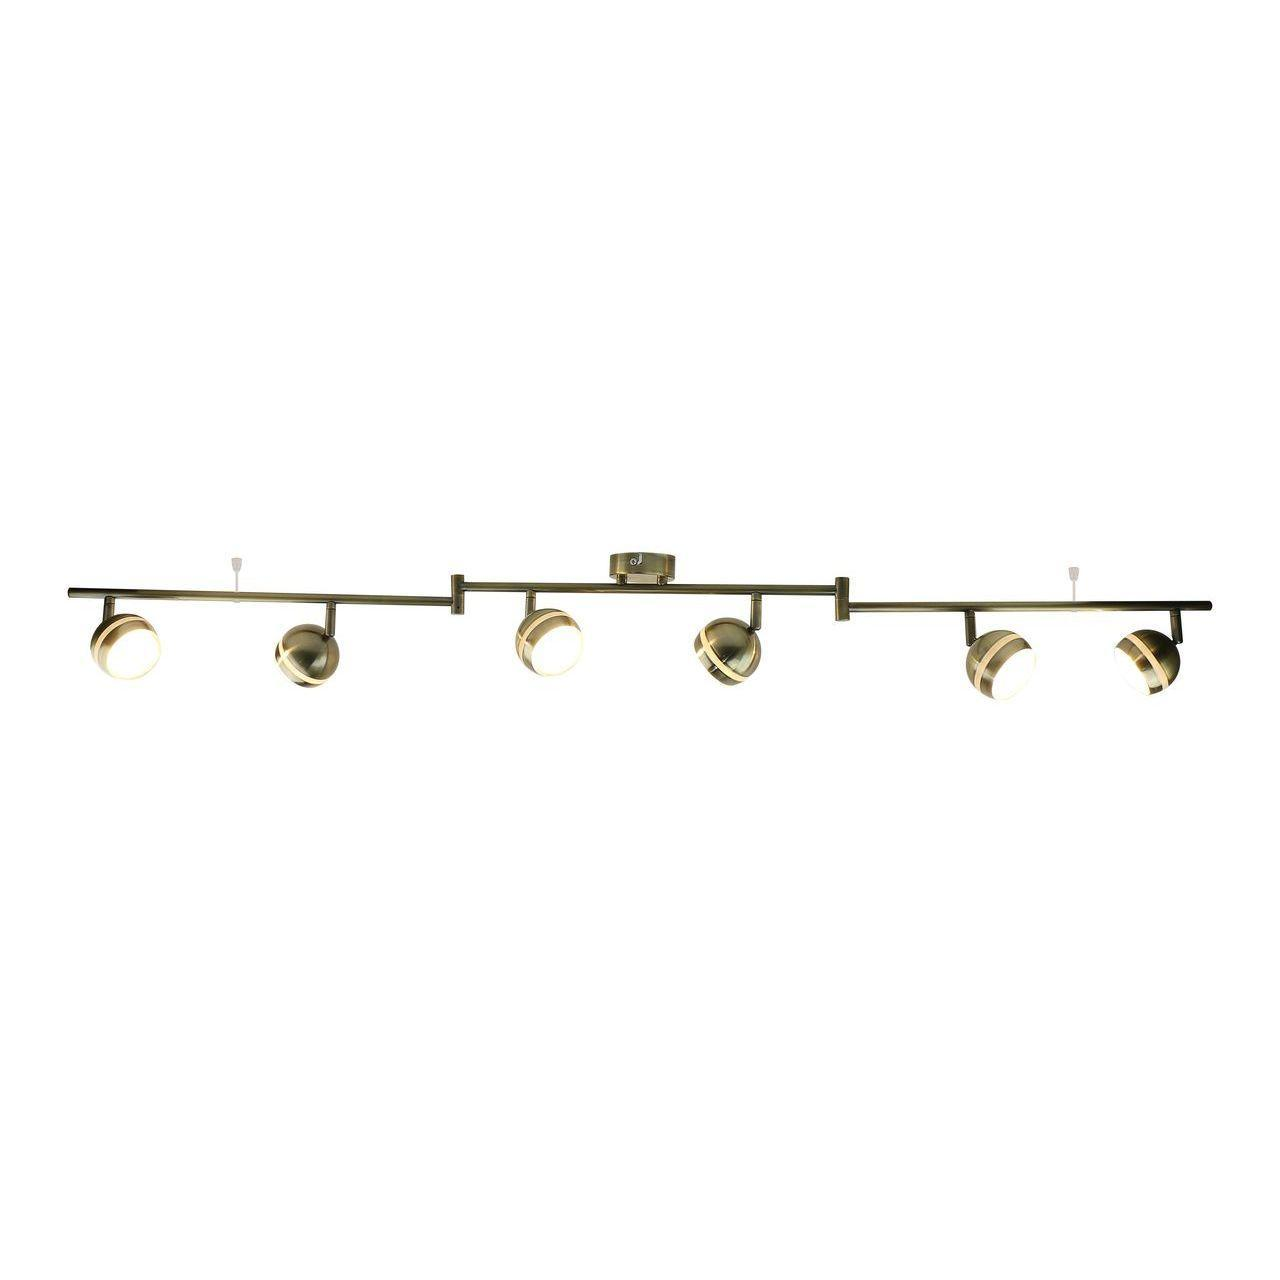 Трековая светодиодная система Arte Lamp Venerd A6009PL-6AB спот точечный светильник arte lamp venerd a6009pl 6ab